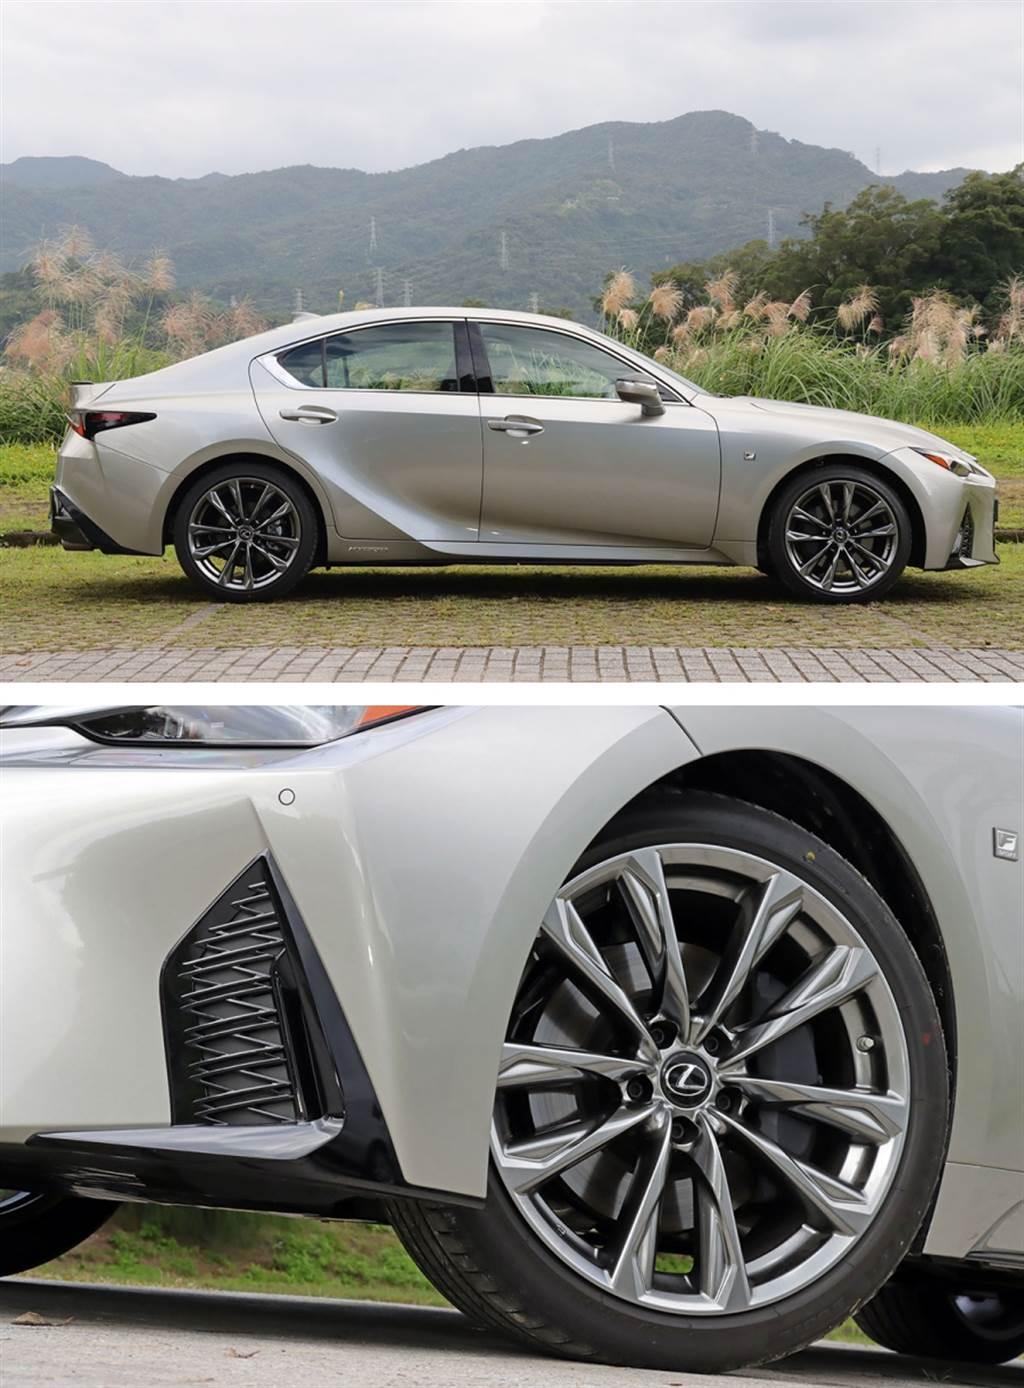 為了達到最貼地的效果, F SPORT 的 19 吋鋁圈採用前後配輪胎:前 235/40 R19、後 265/35 R19。